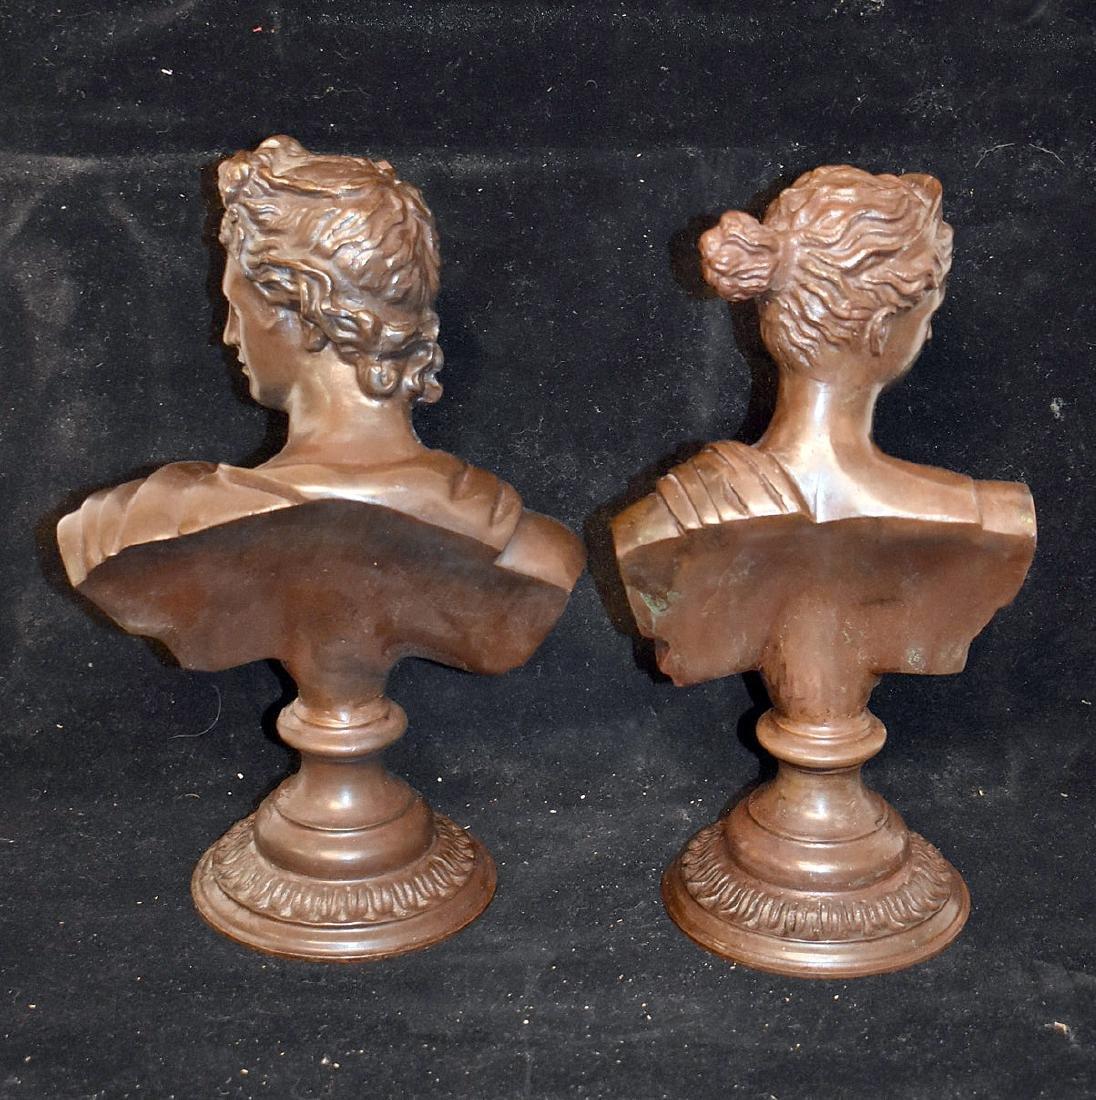 Pair of Bronze Sculptural Busts - 3